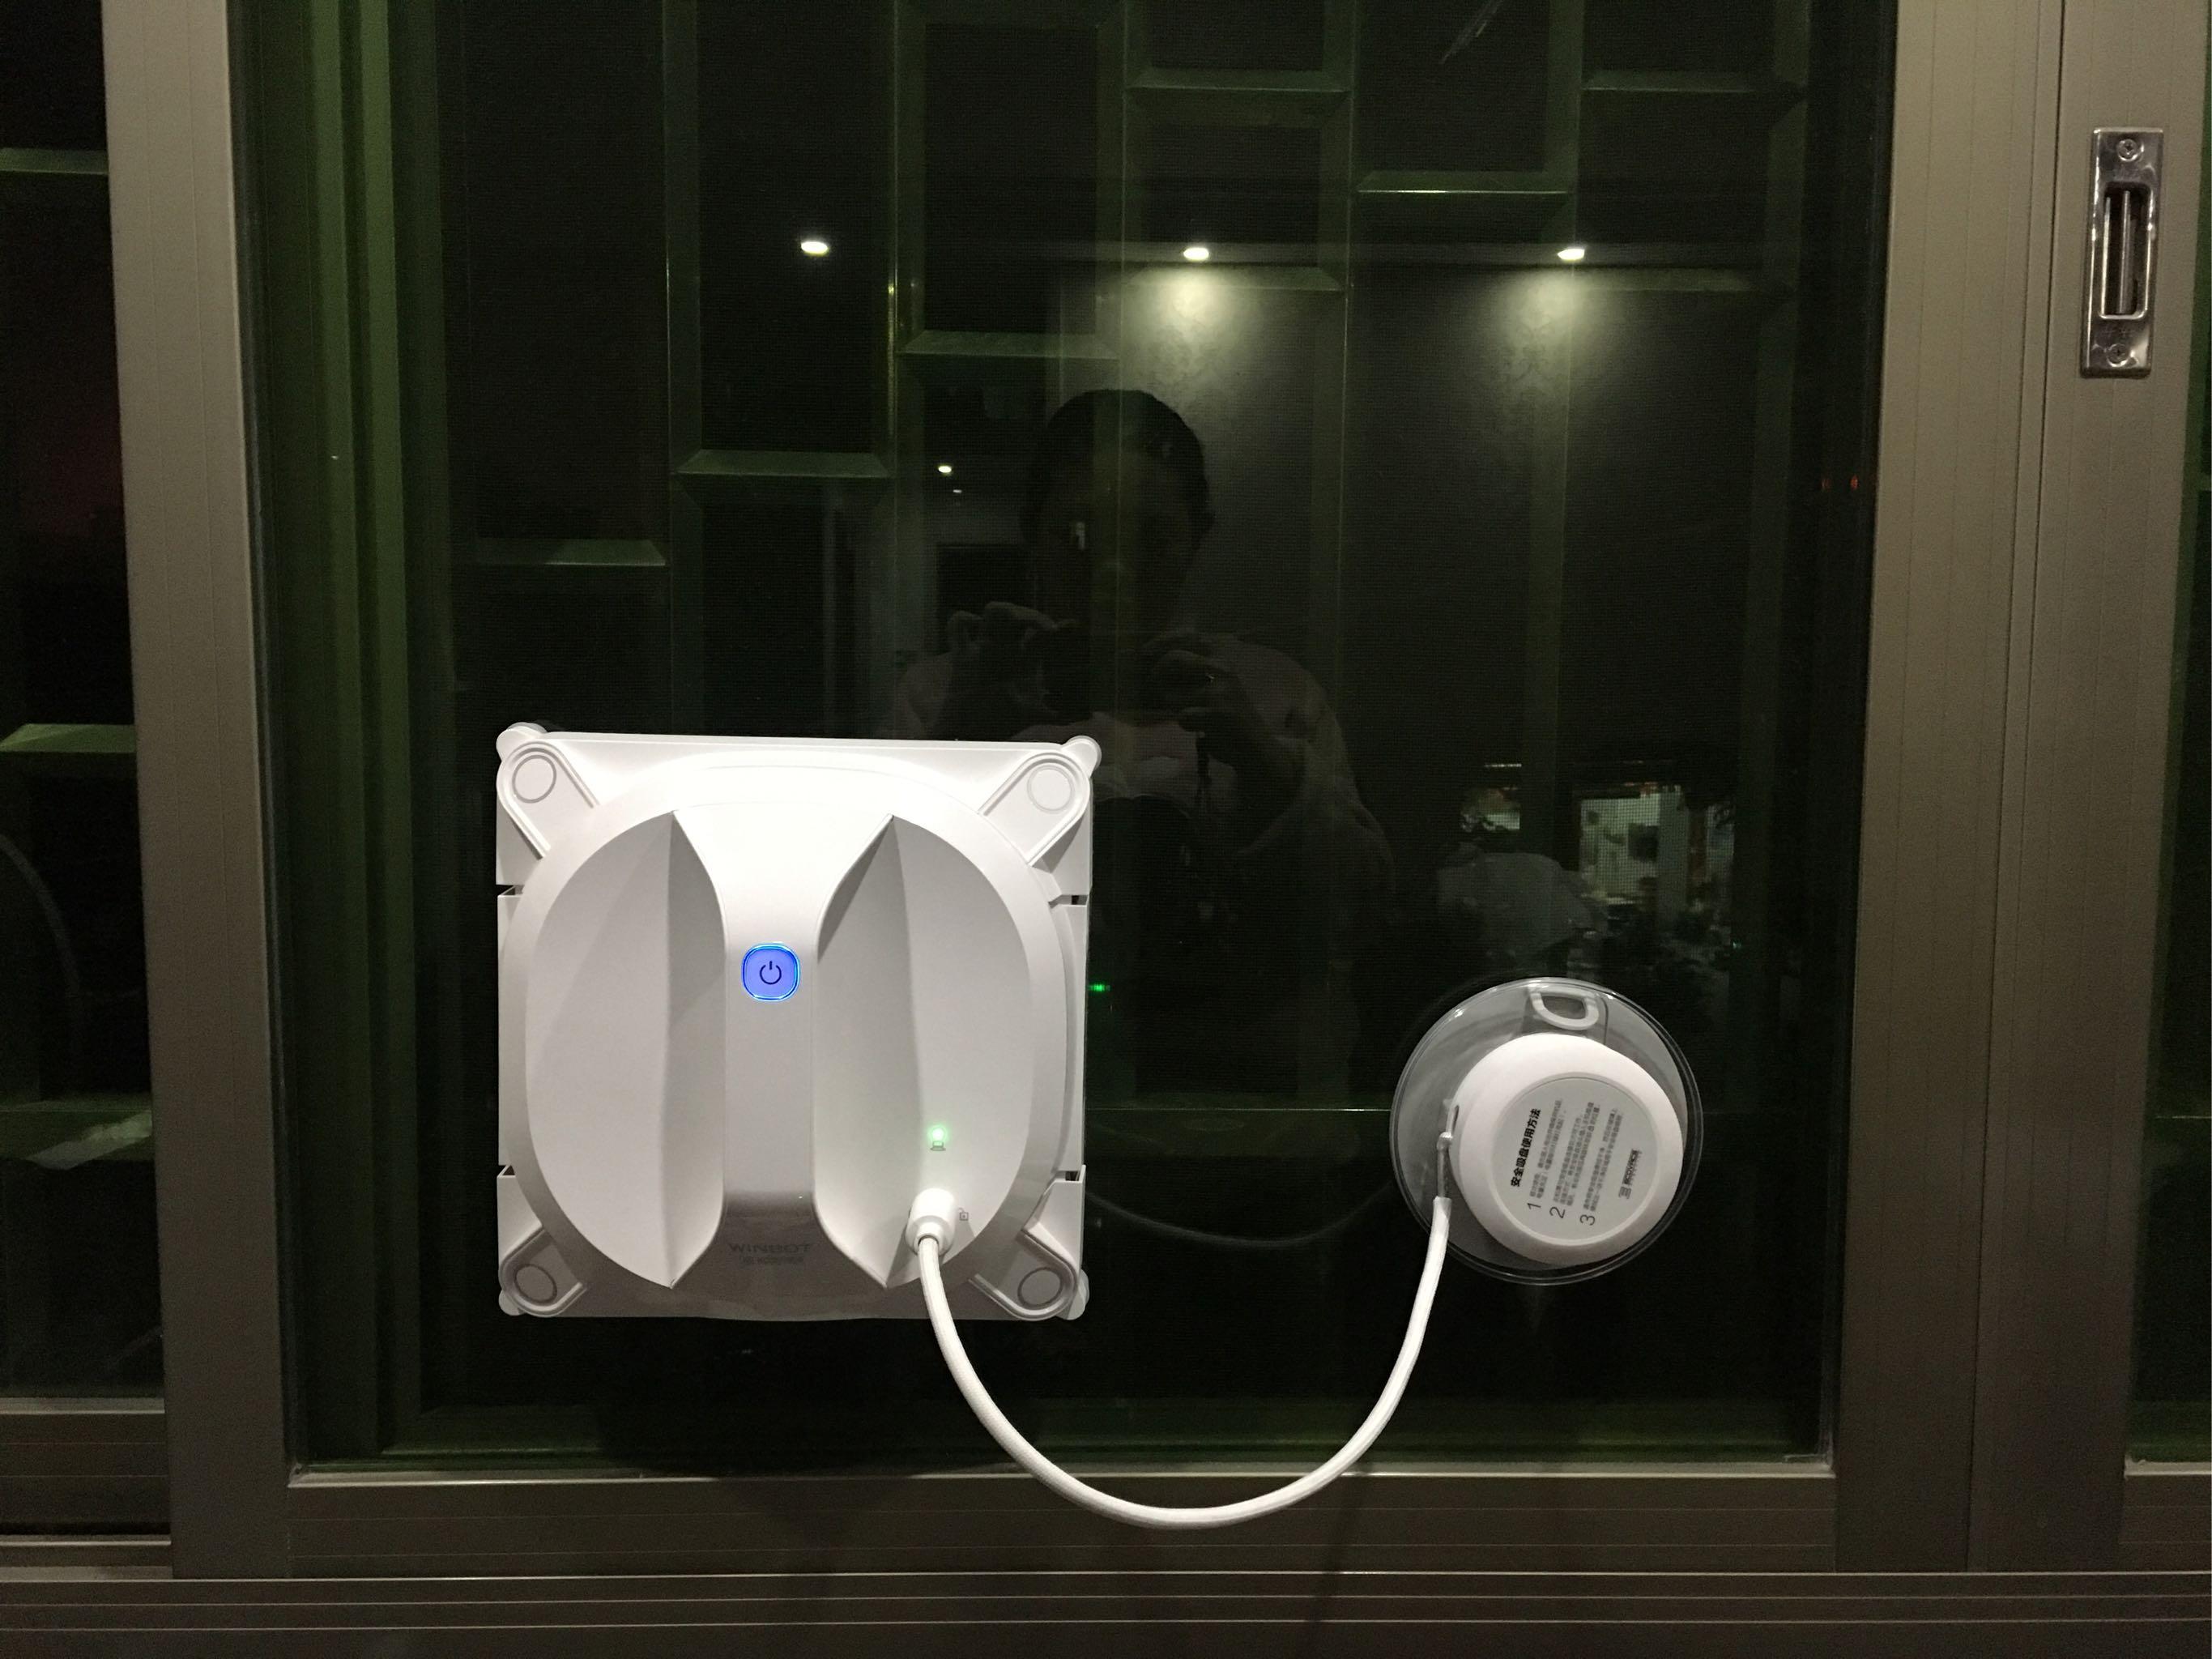 科沃斯自动擦窗机器人怎么样?智能擦窗机器人的使用方法-苏宛霞博客_擦玻璃机器人哪个牌子好_哪种好_擦玻璃机器人多少钱